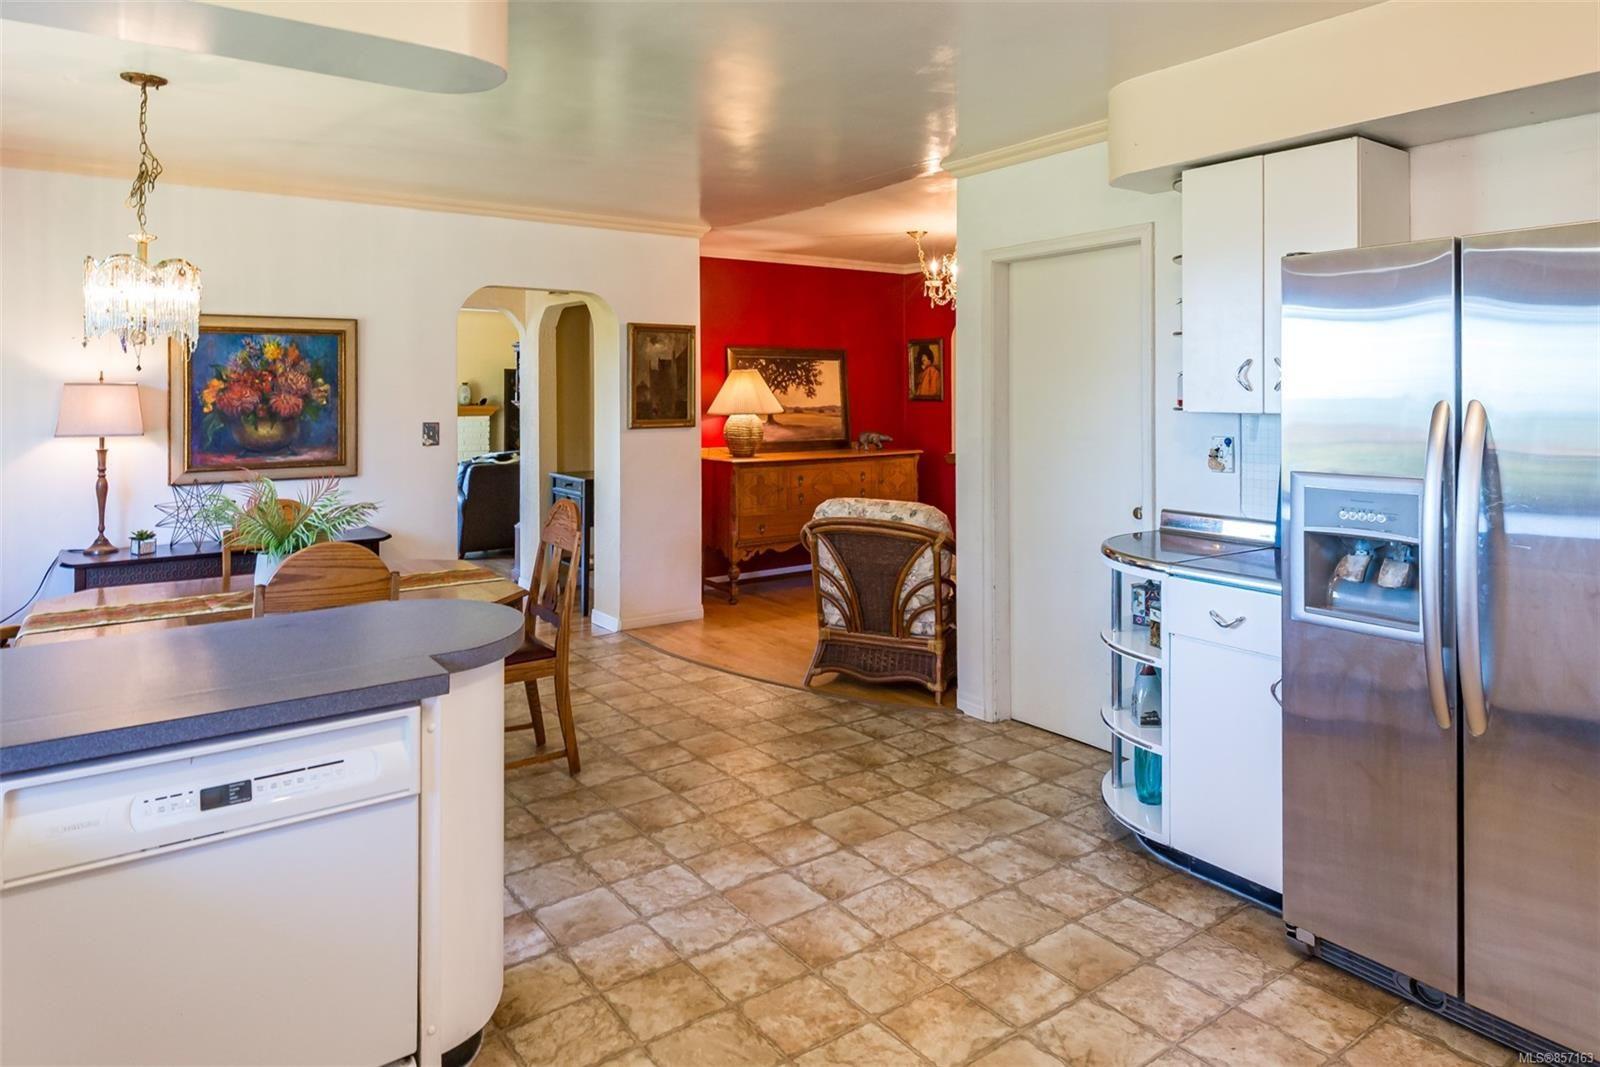 Photo 19: Photos: 4241 Buddington Rd in : CV Courtenay South House for sale (Comox Valley)  : MLS®# 857163